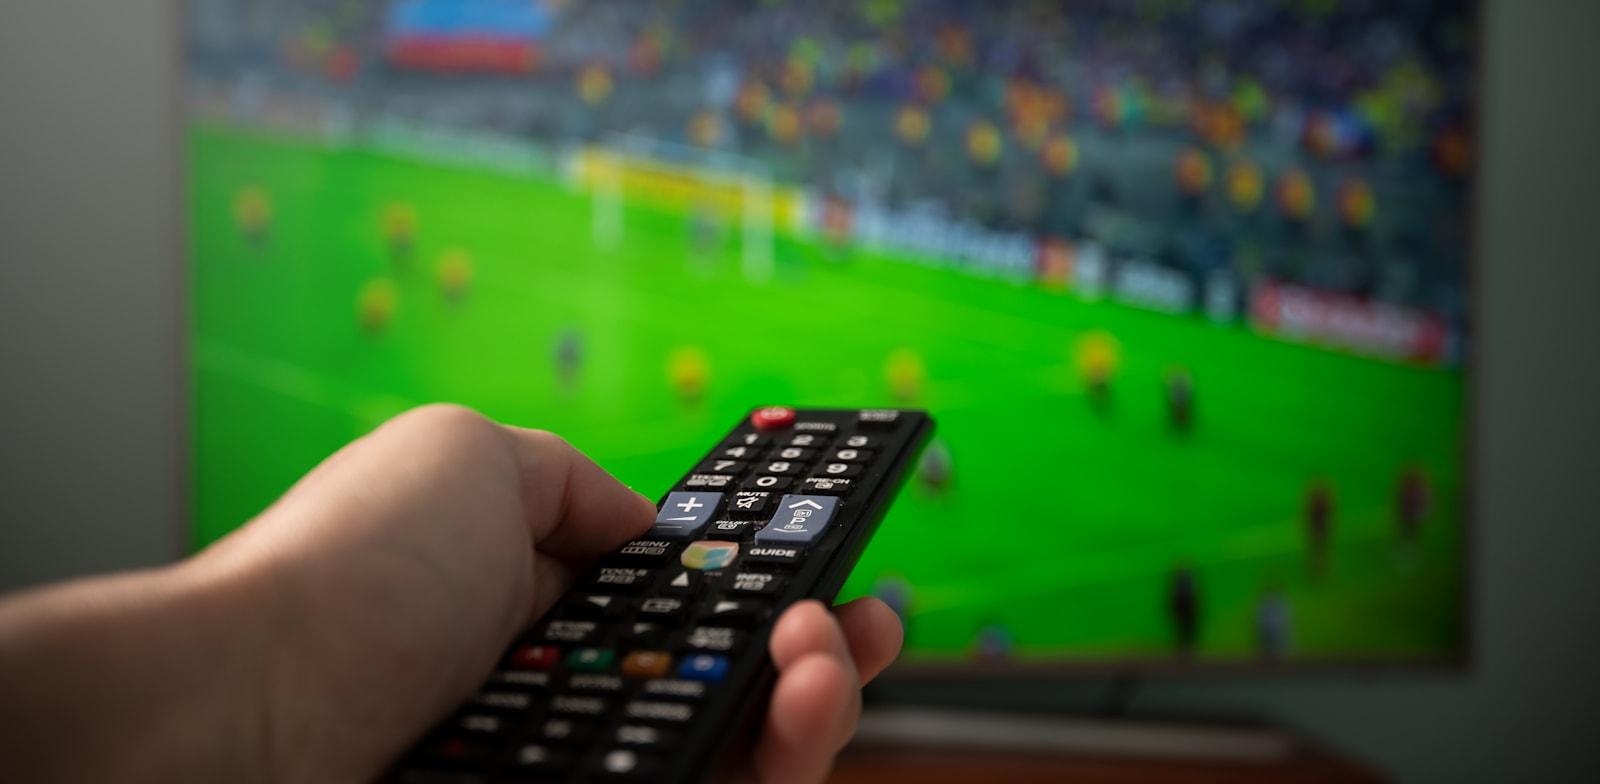 שידורי הספורט יקרים מאי-פעם, וזה לא צפוי להשתנות בקרוב / אילוסטרציה: Shutterstock, daphnusia